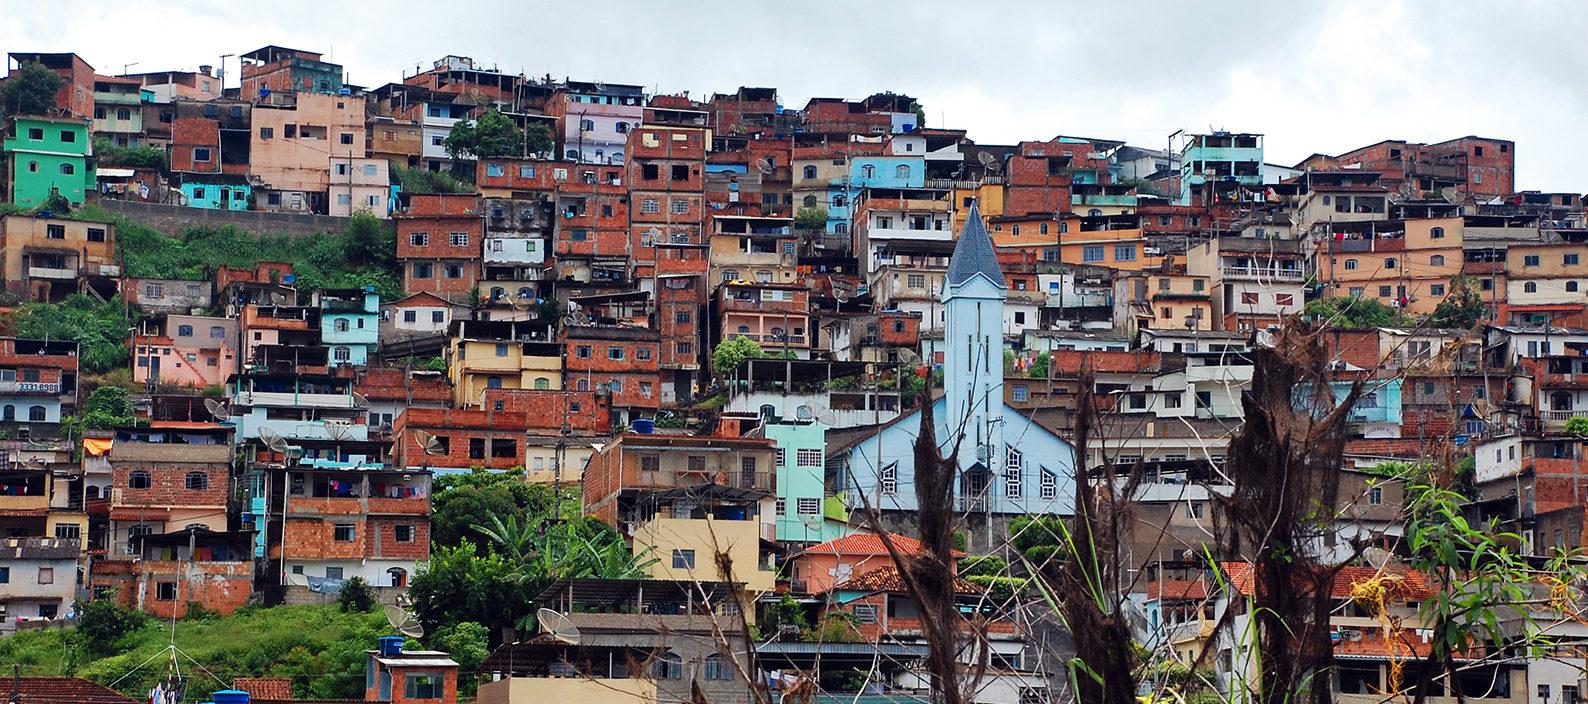 brazil-slums_ngsversion_1396531542901